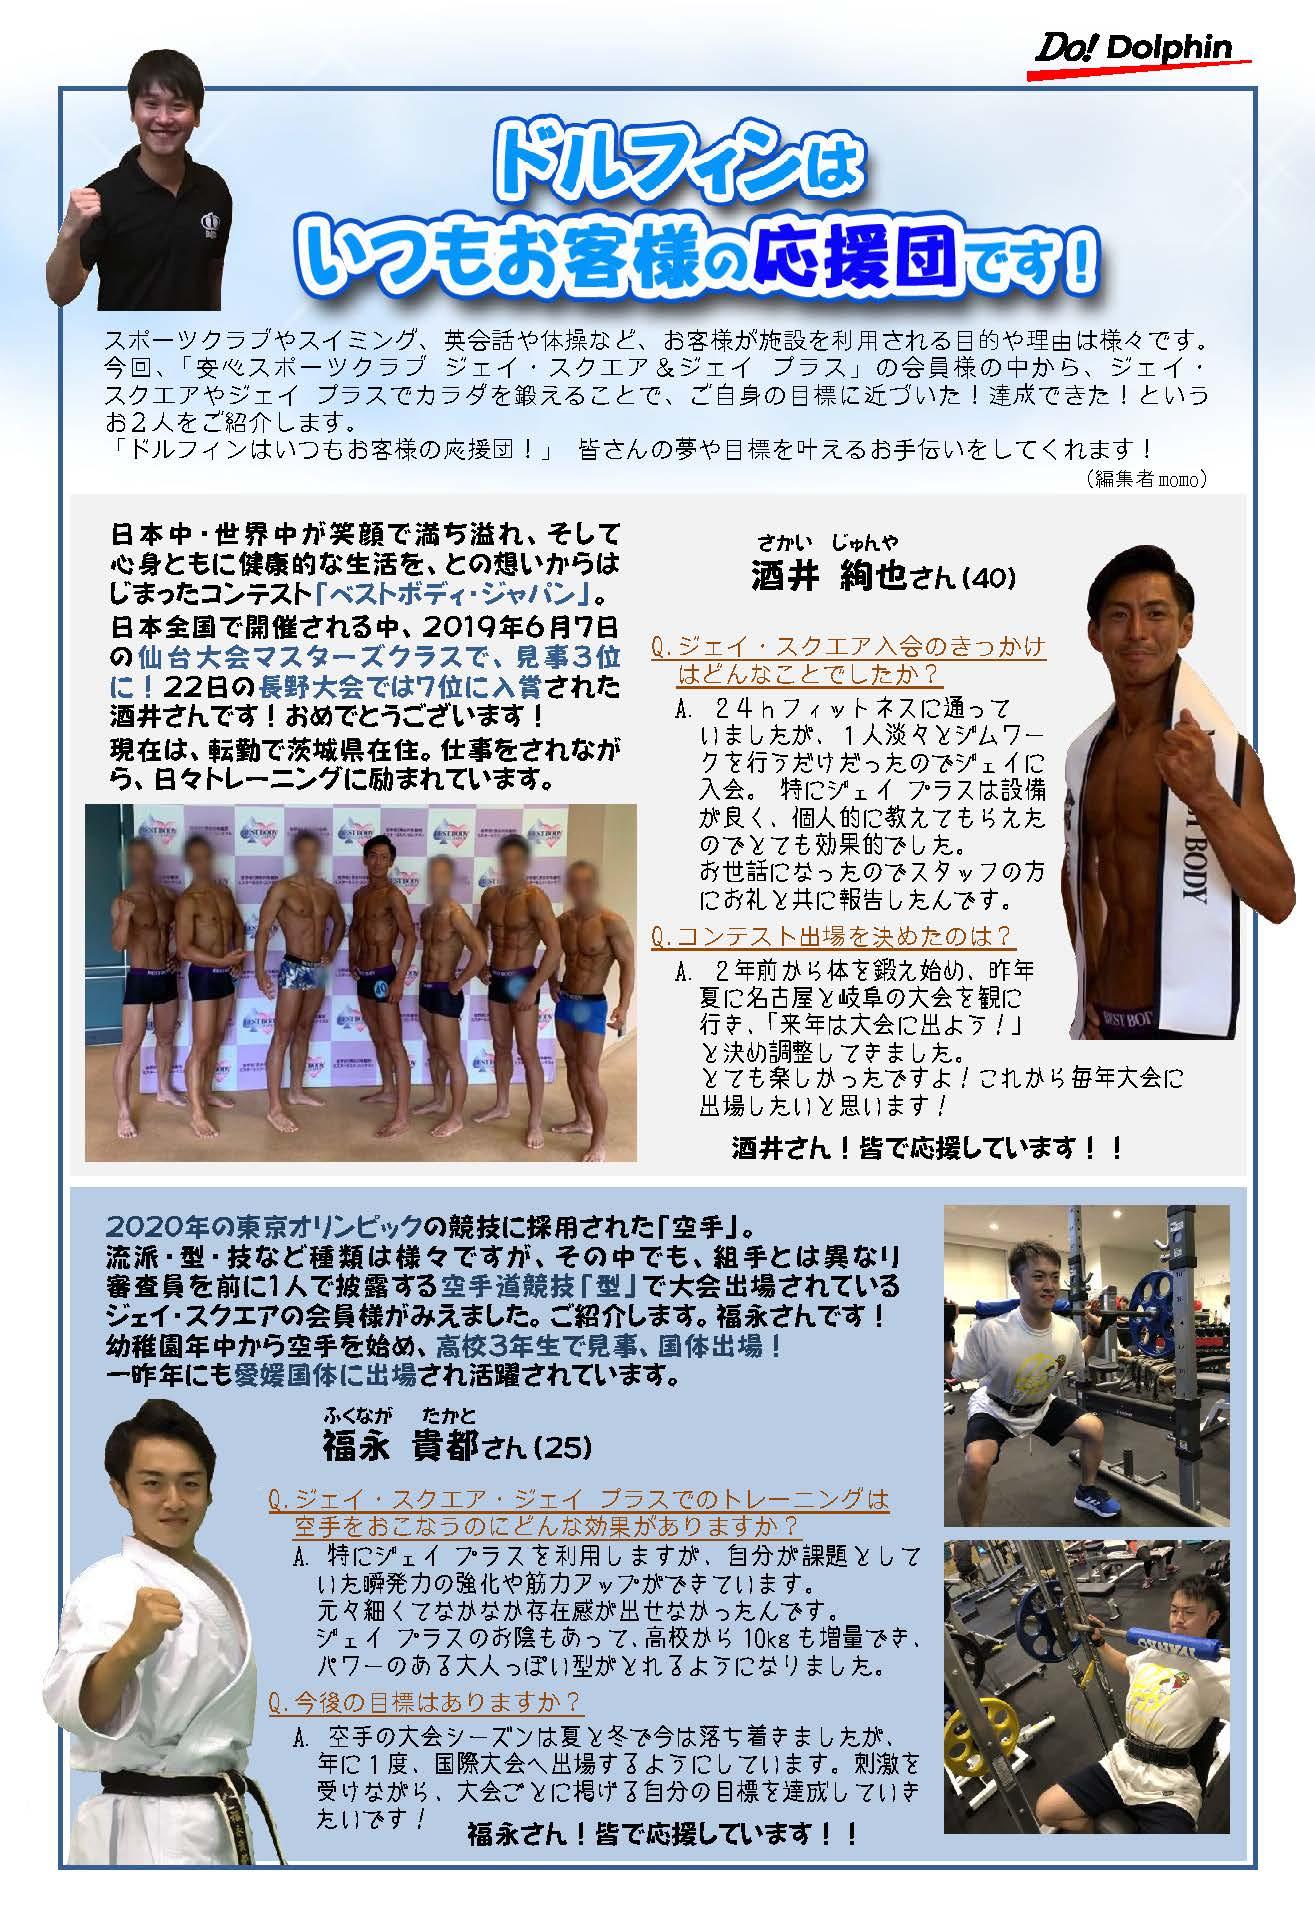 ドルフィン広報誌8月号校了_ページ_3